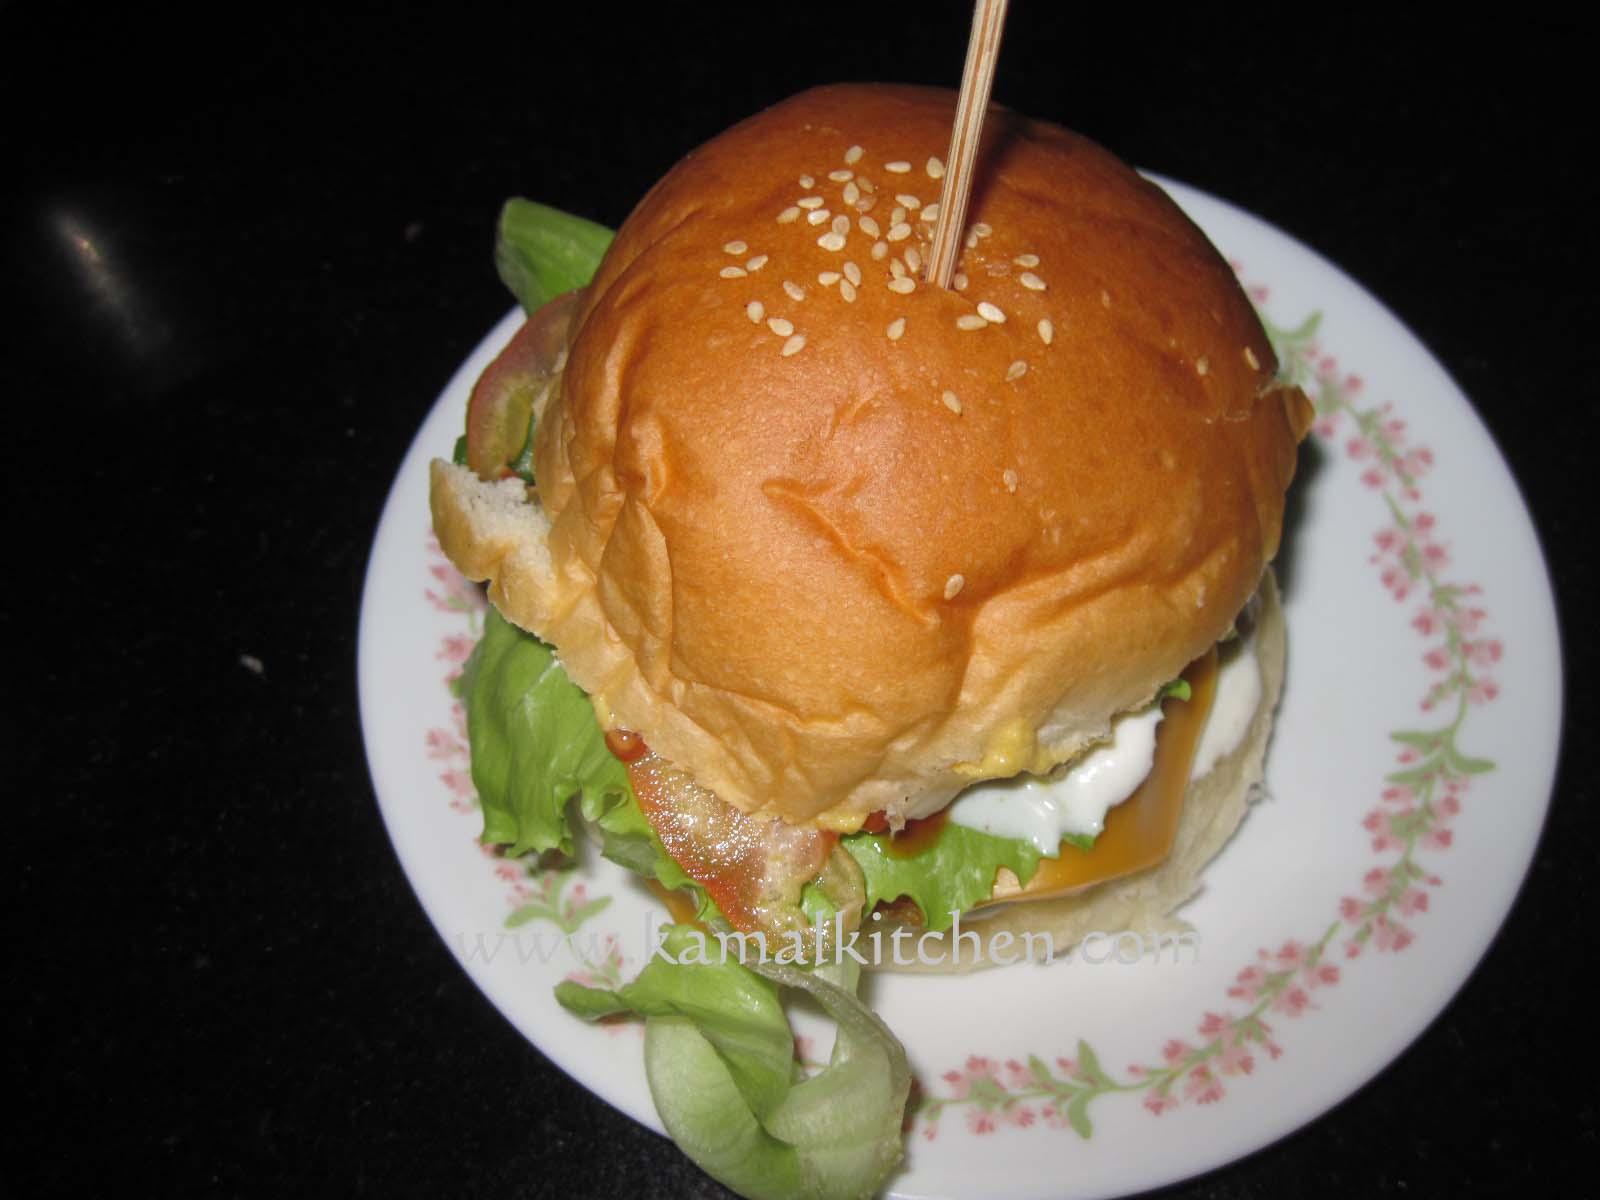 Tofu Mushroom Burger Recipe